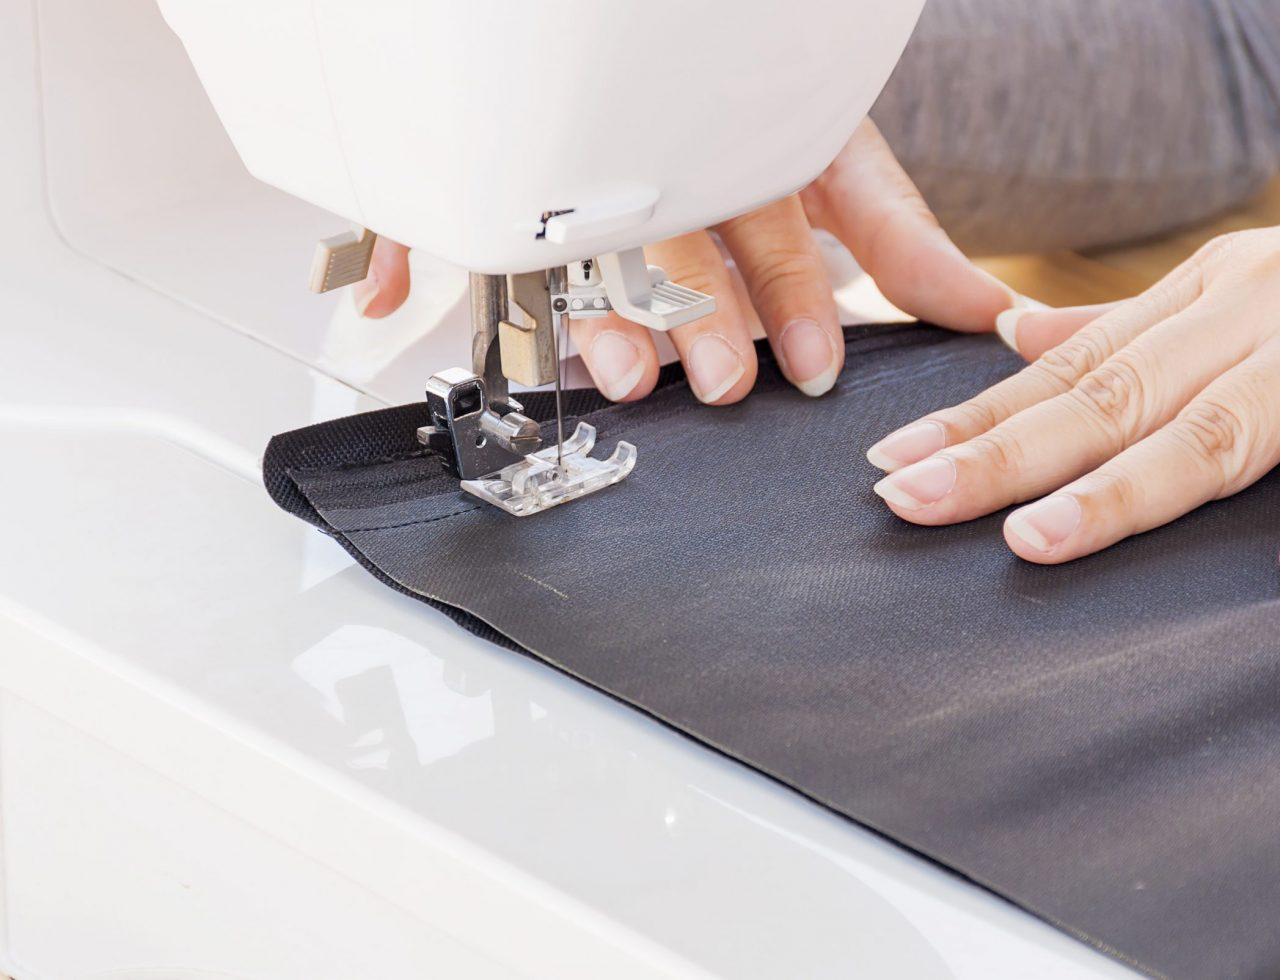 mãos de uma mulher costurando com uma máquina de costura